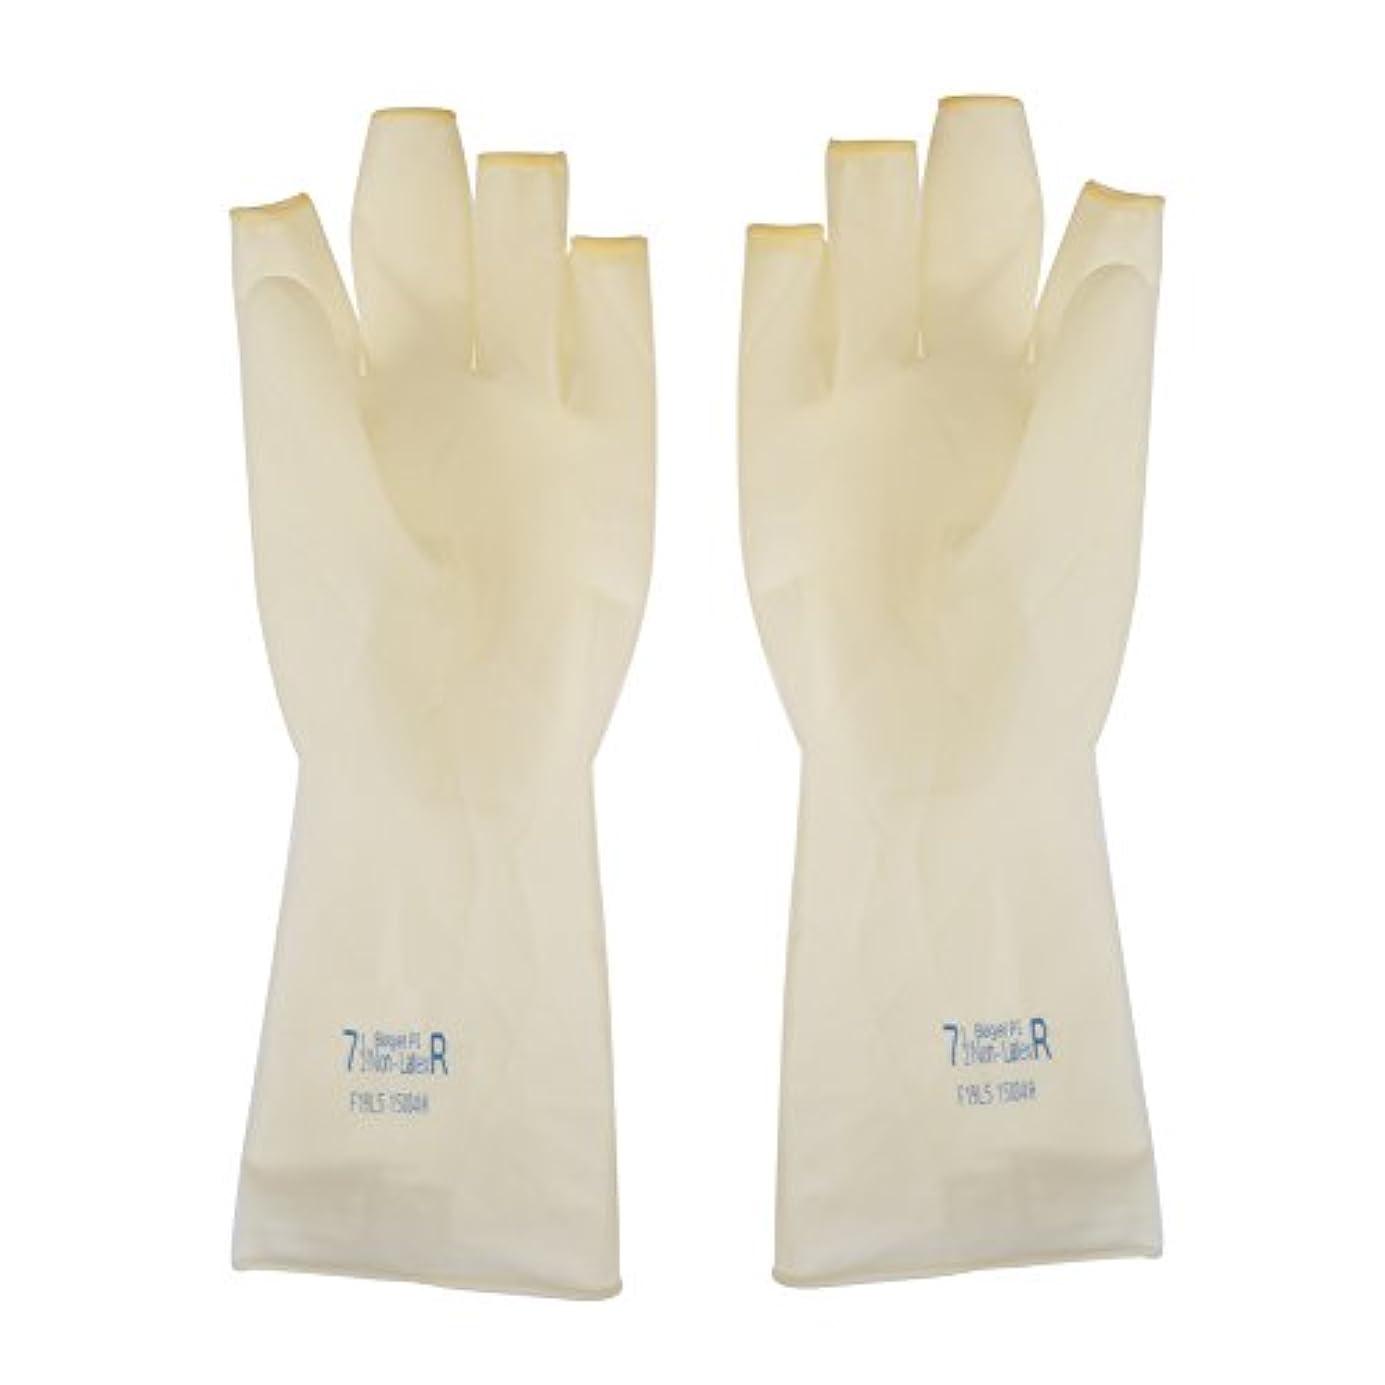 グラマードリンクジョセフバンクスAEdiea 1ペア ゴム手袋   毛染め手袋 使い捨て 弾性 伸縮性 ヘアサロン サロンツール (M)